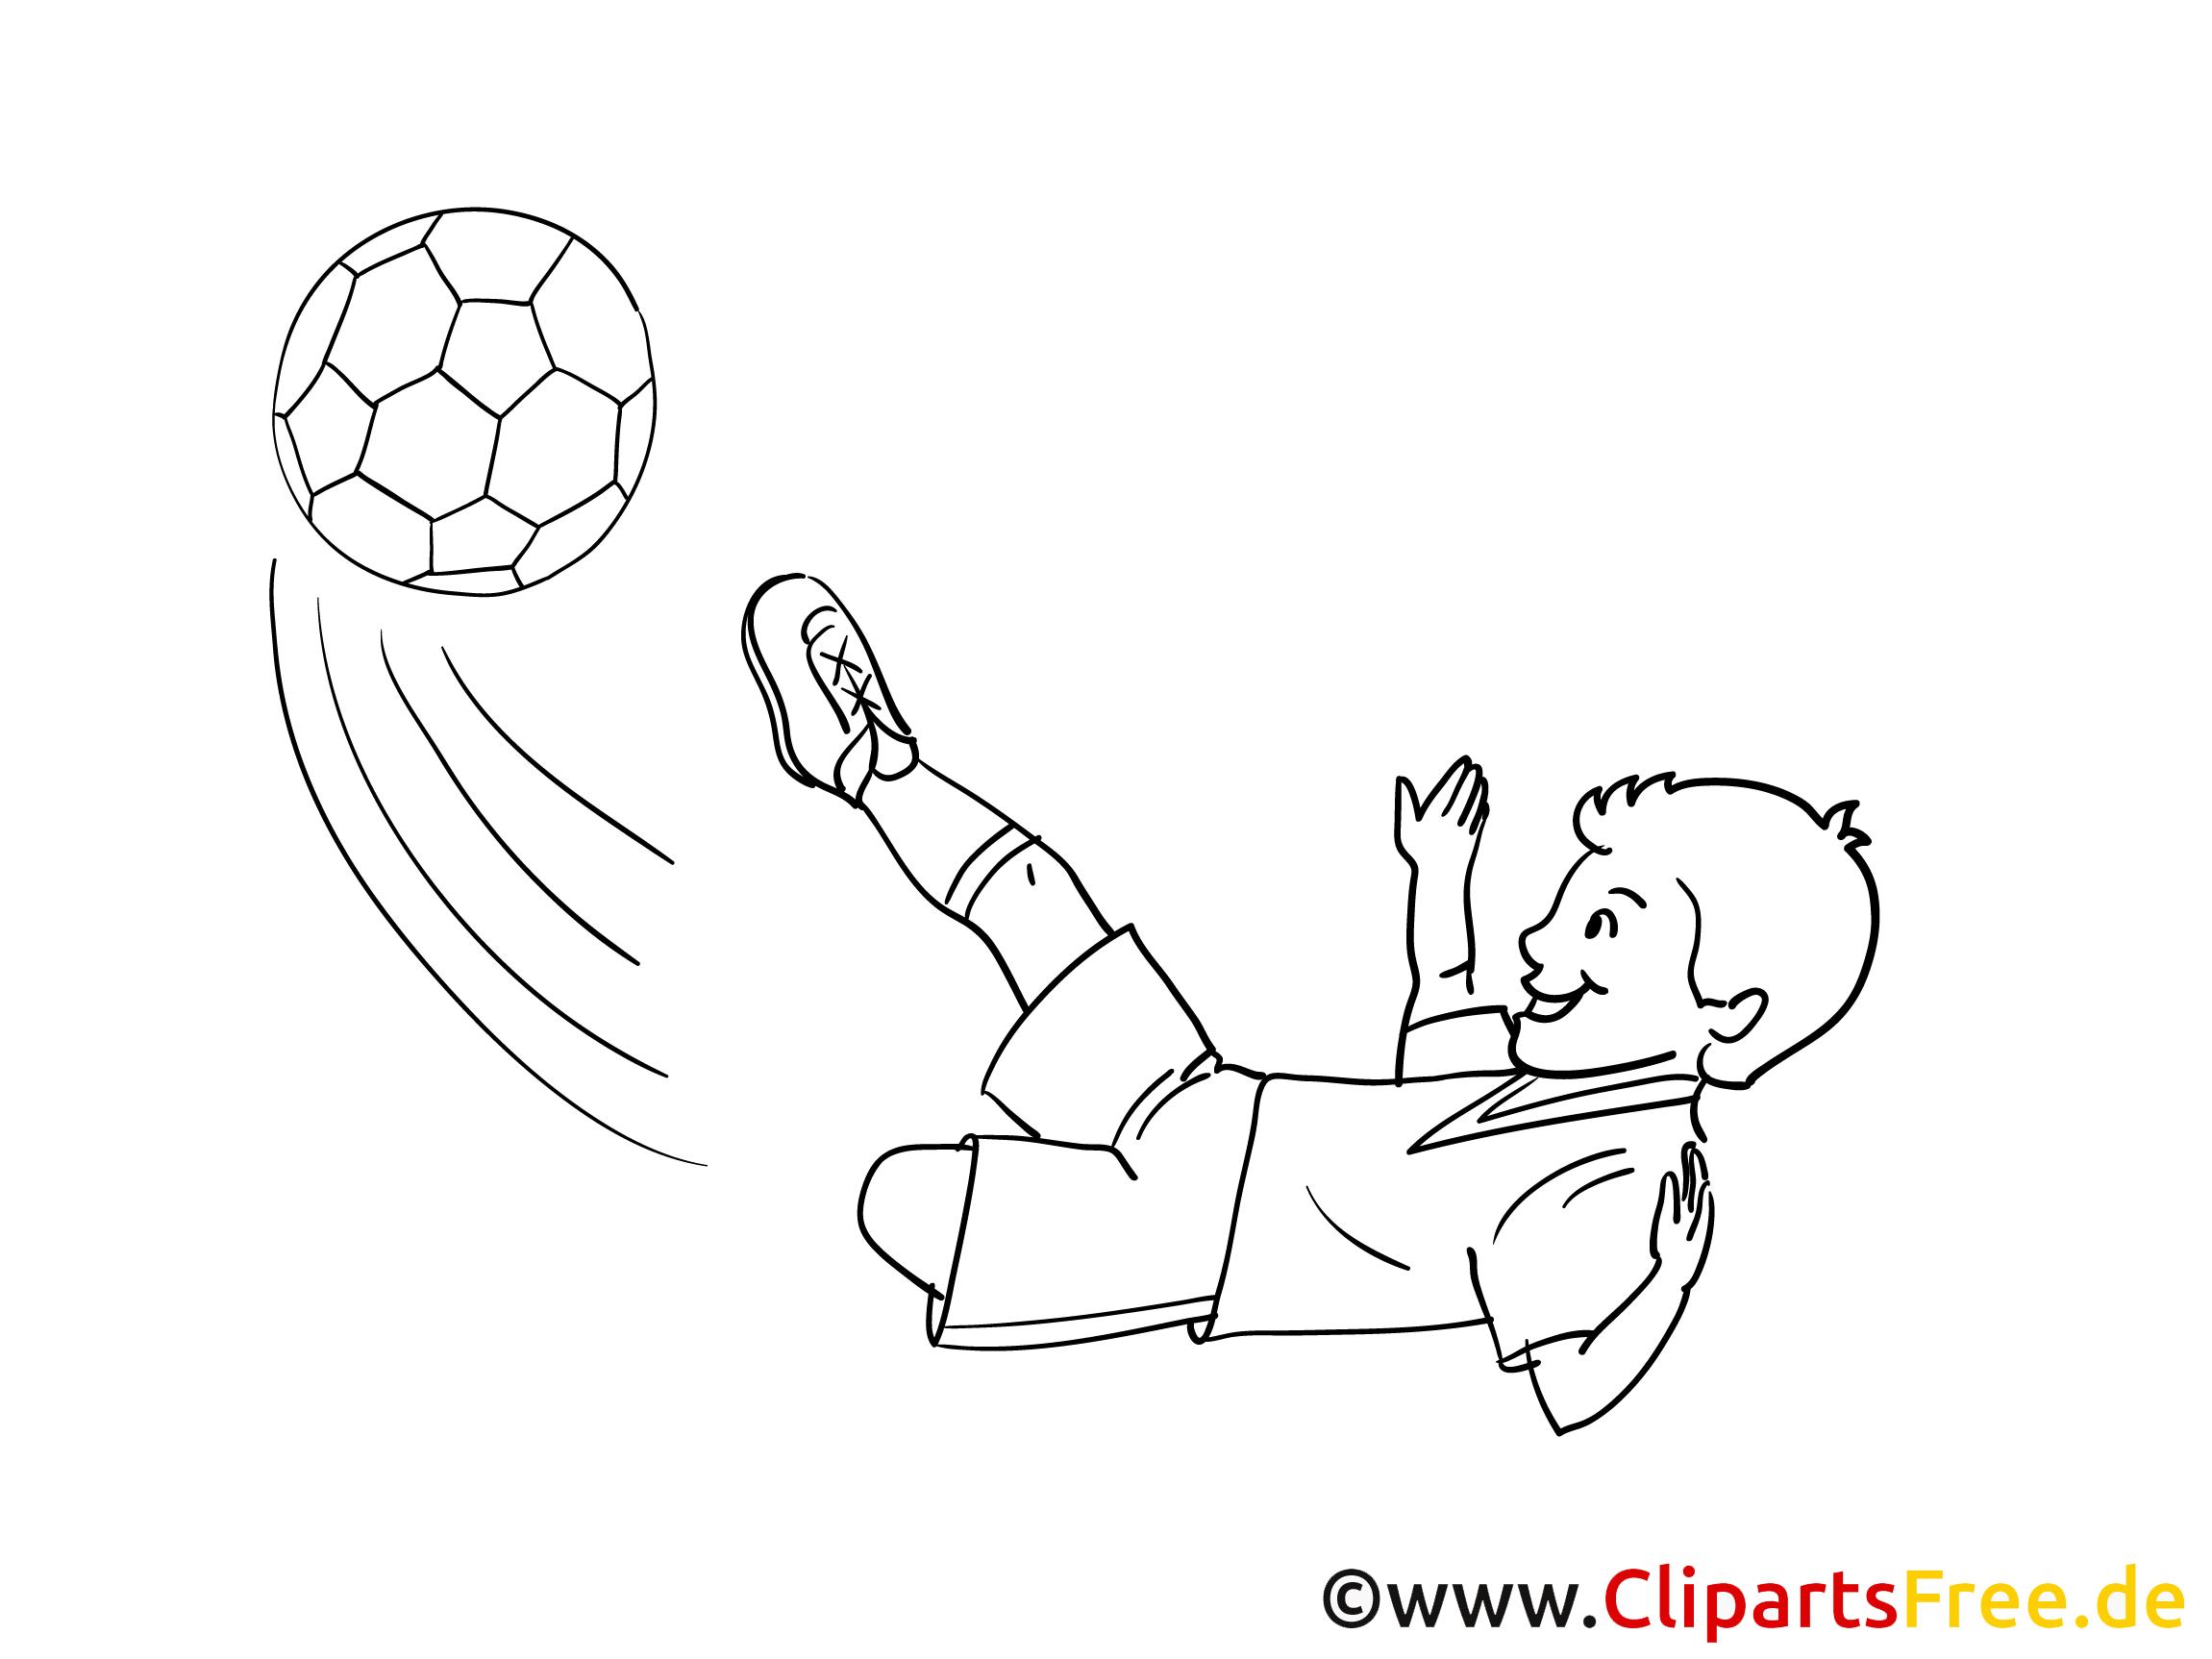 Malvorlage Fussball Weltmeisterschaft und Europameisterschaft